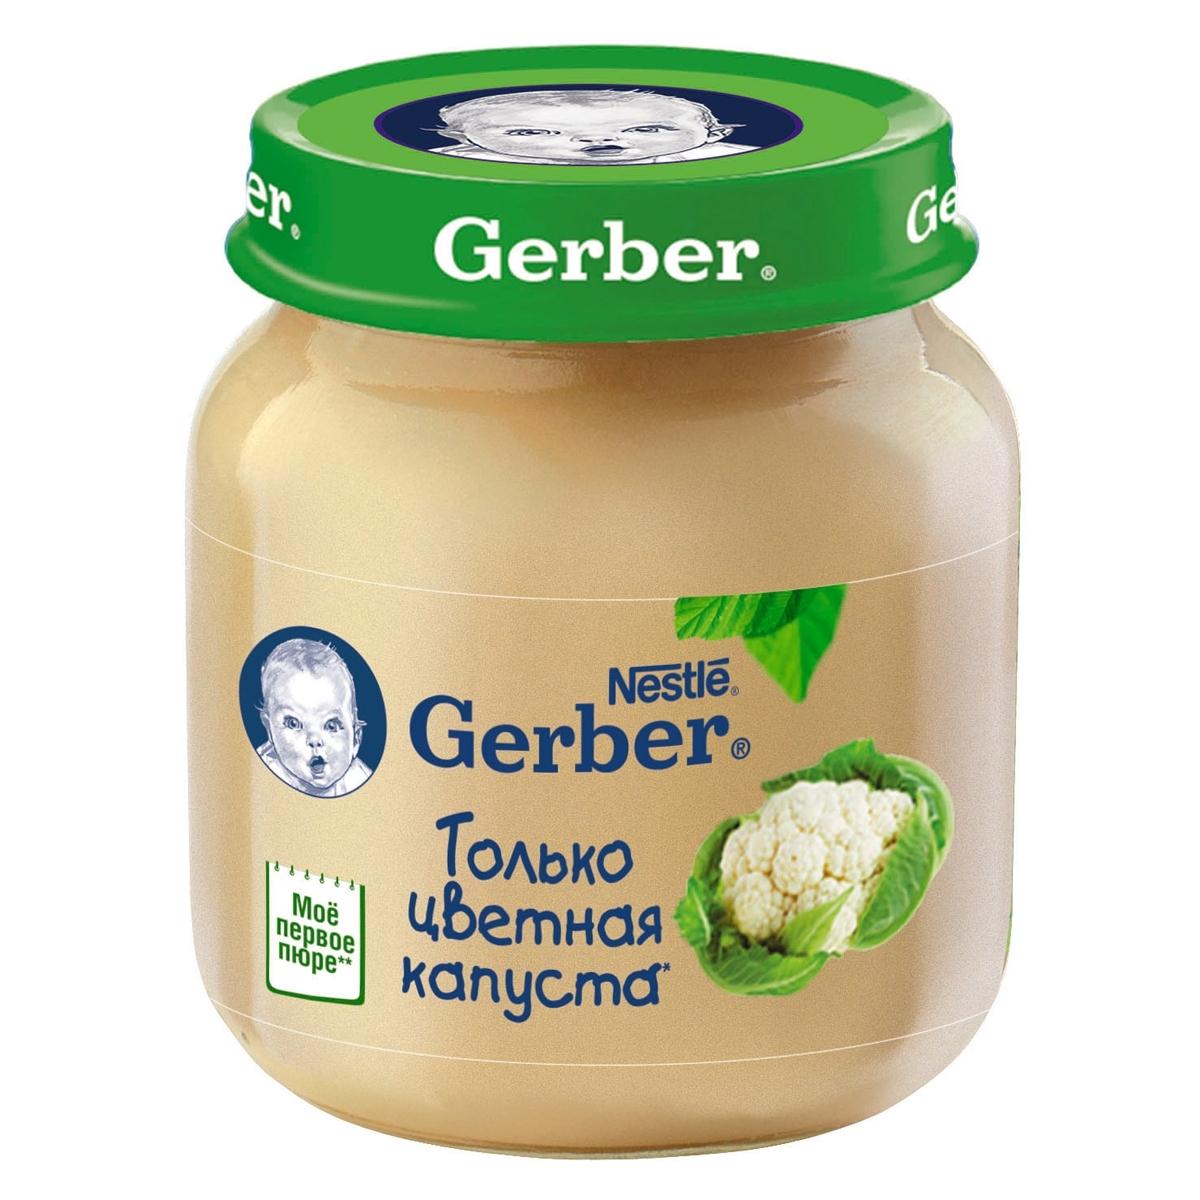 Пюре Gerber овощное 130 гр Цветная капуста  (1 ступень)<br>